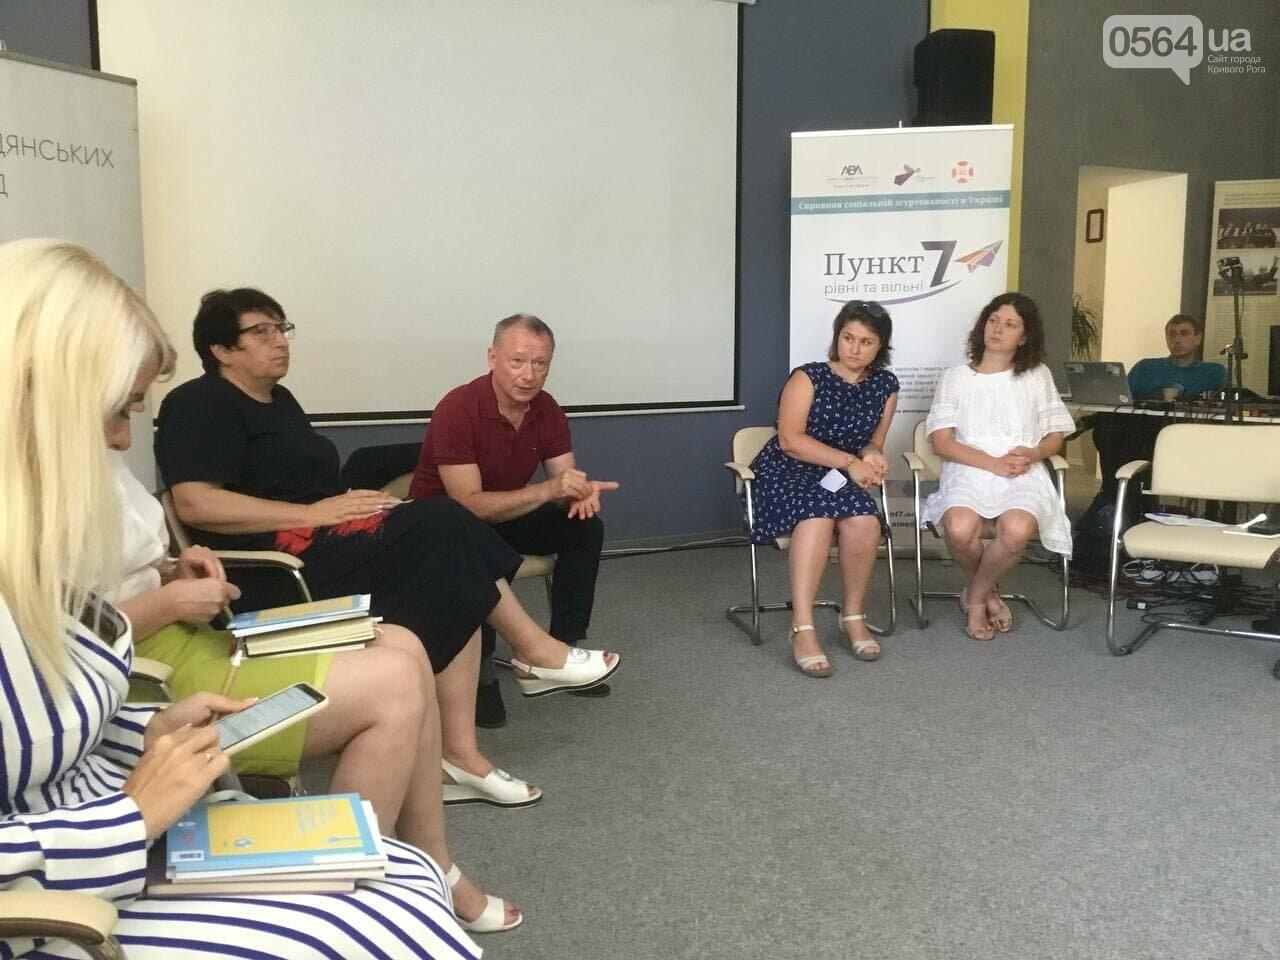 Правовой Weekend в Кривом Роге: правозащитники обсудили проблемы социальной сплочённости, - ФОТО, ВИДЕО, фото-13